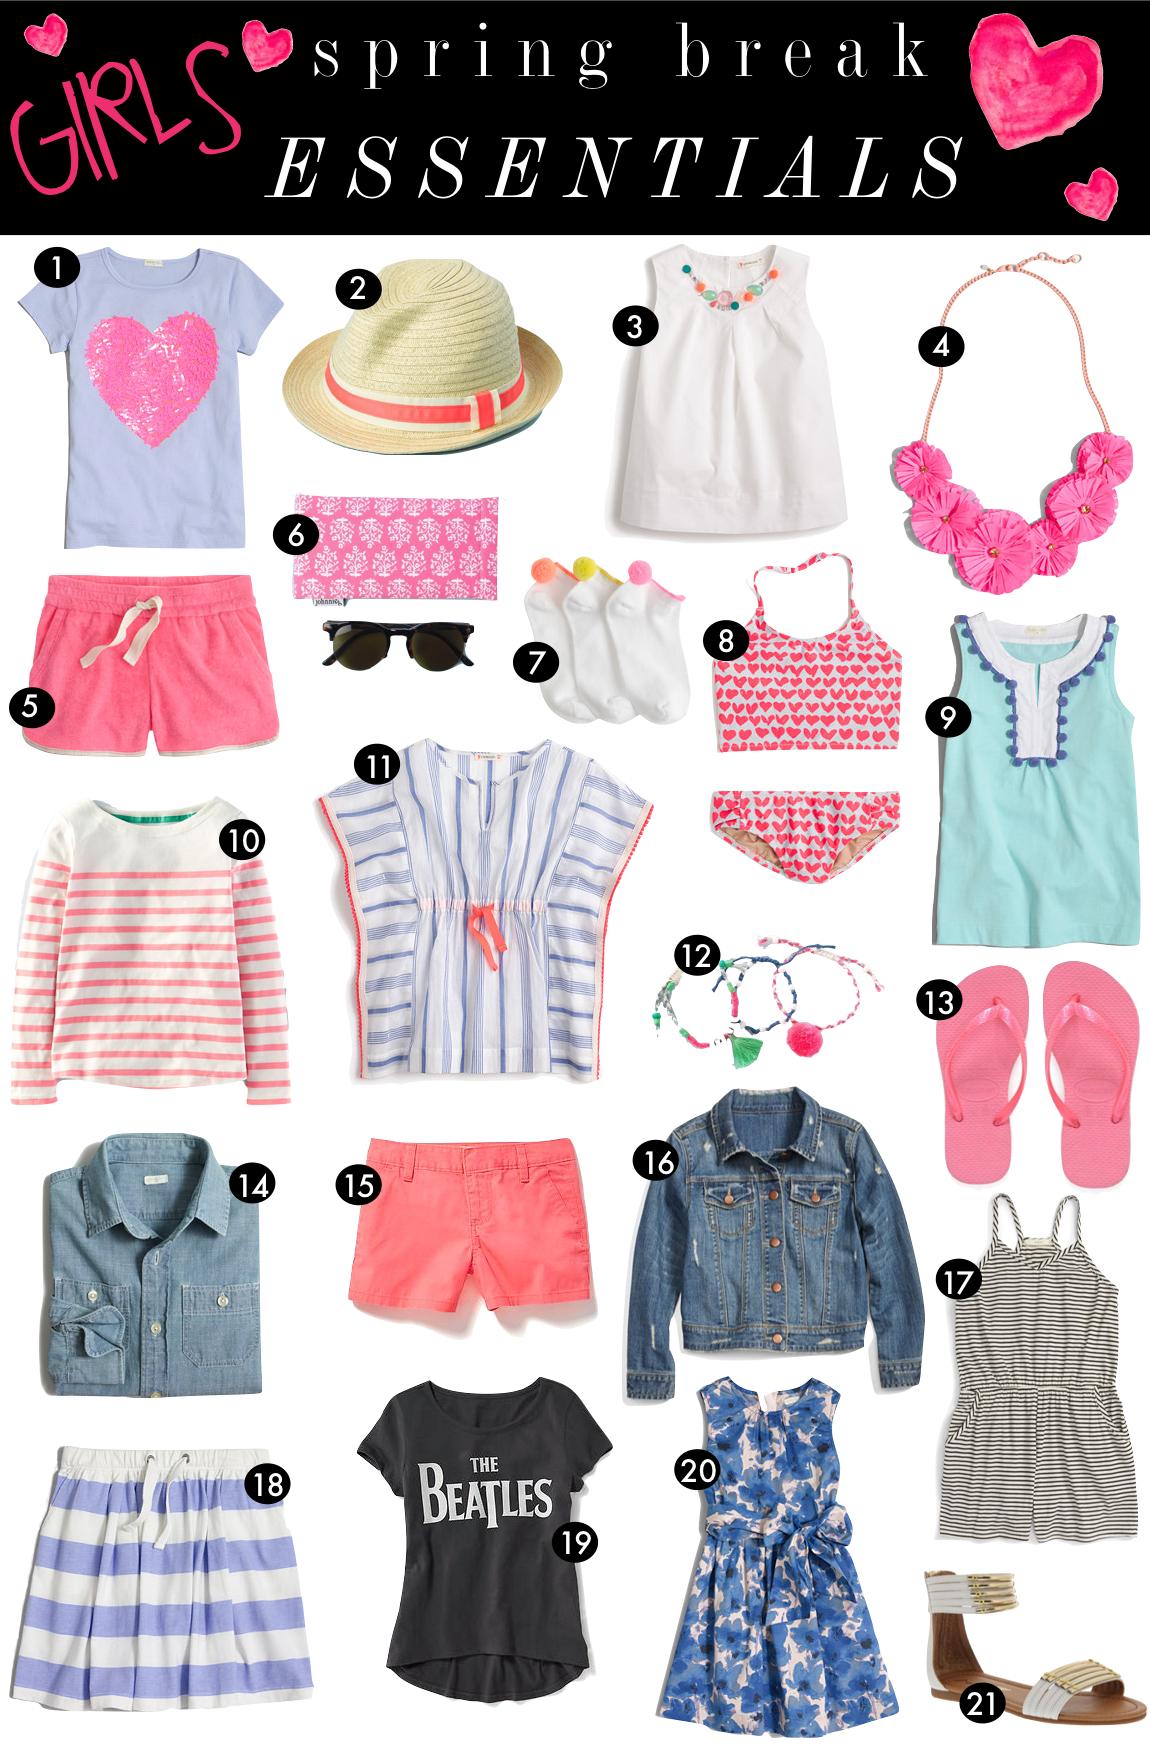 Girls Spring Break Essentials  |  Kiki's List